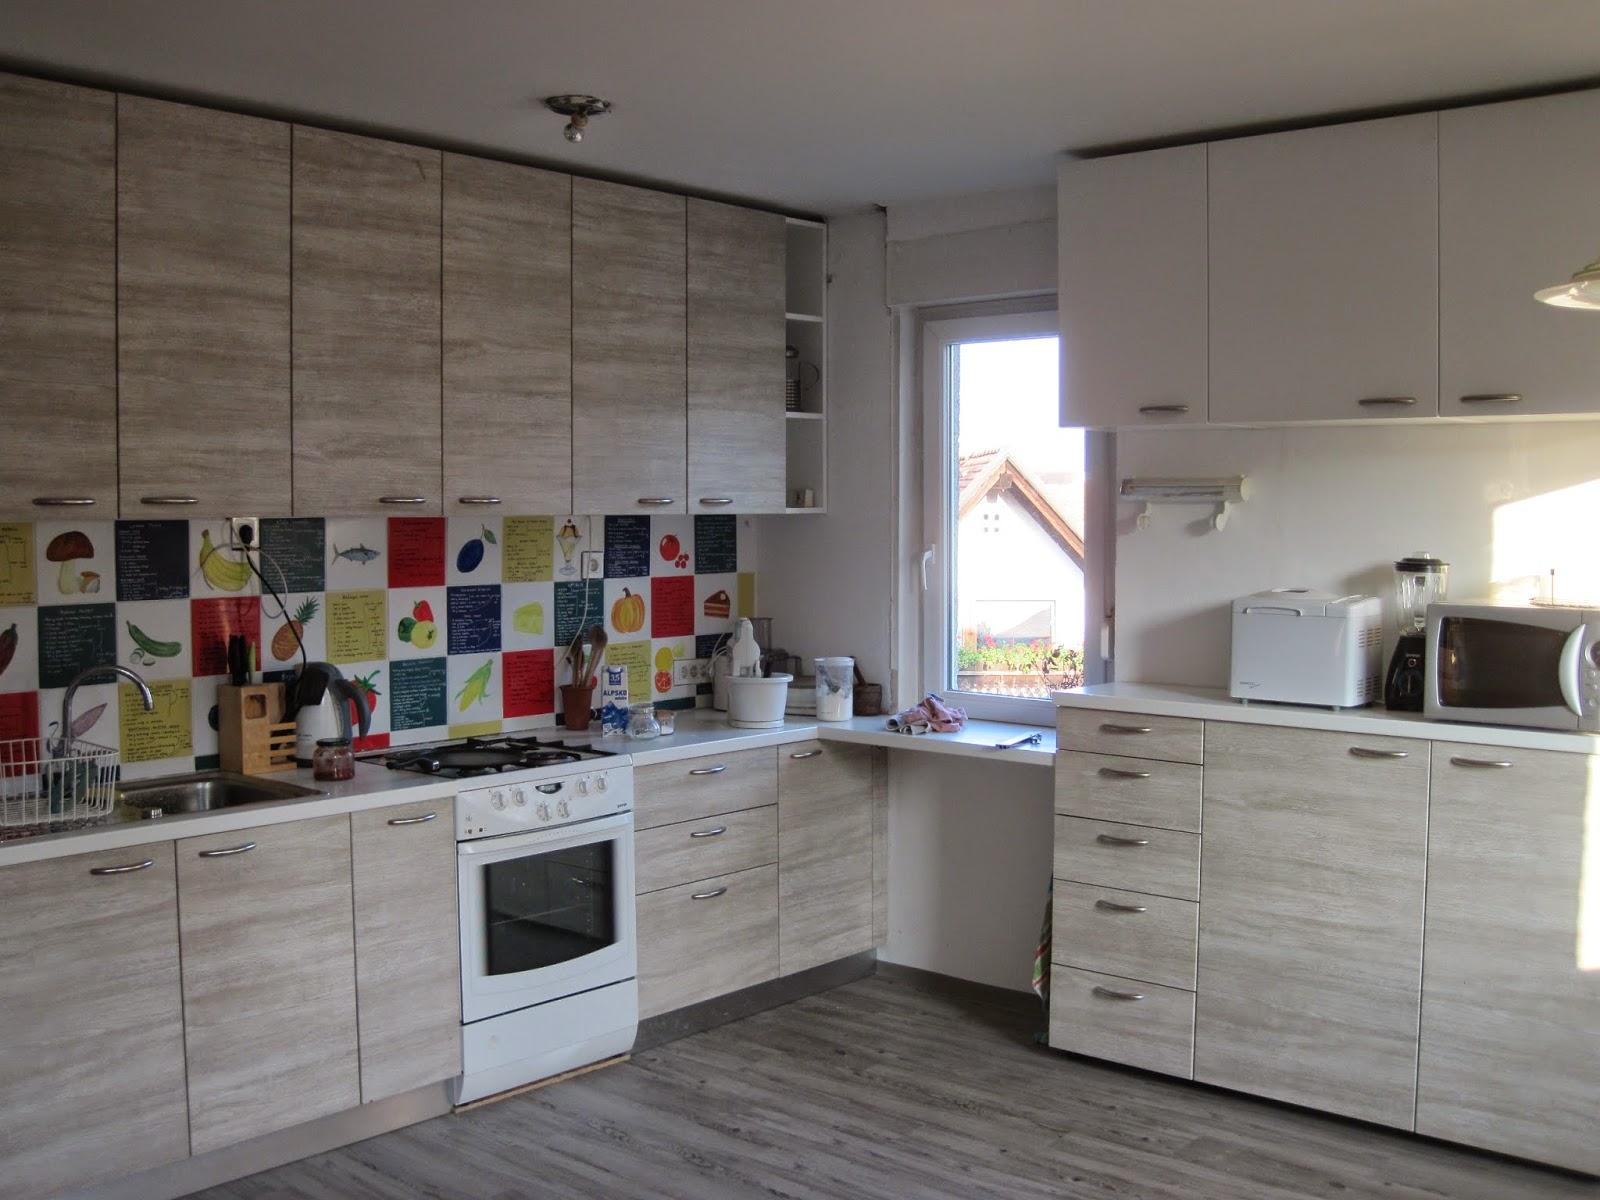 vecna-optimistka: Nova tla ali kako sem dobila kuhinjo nazaj